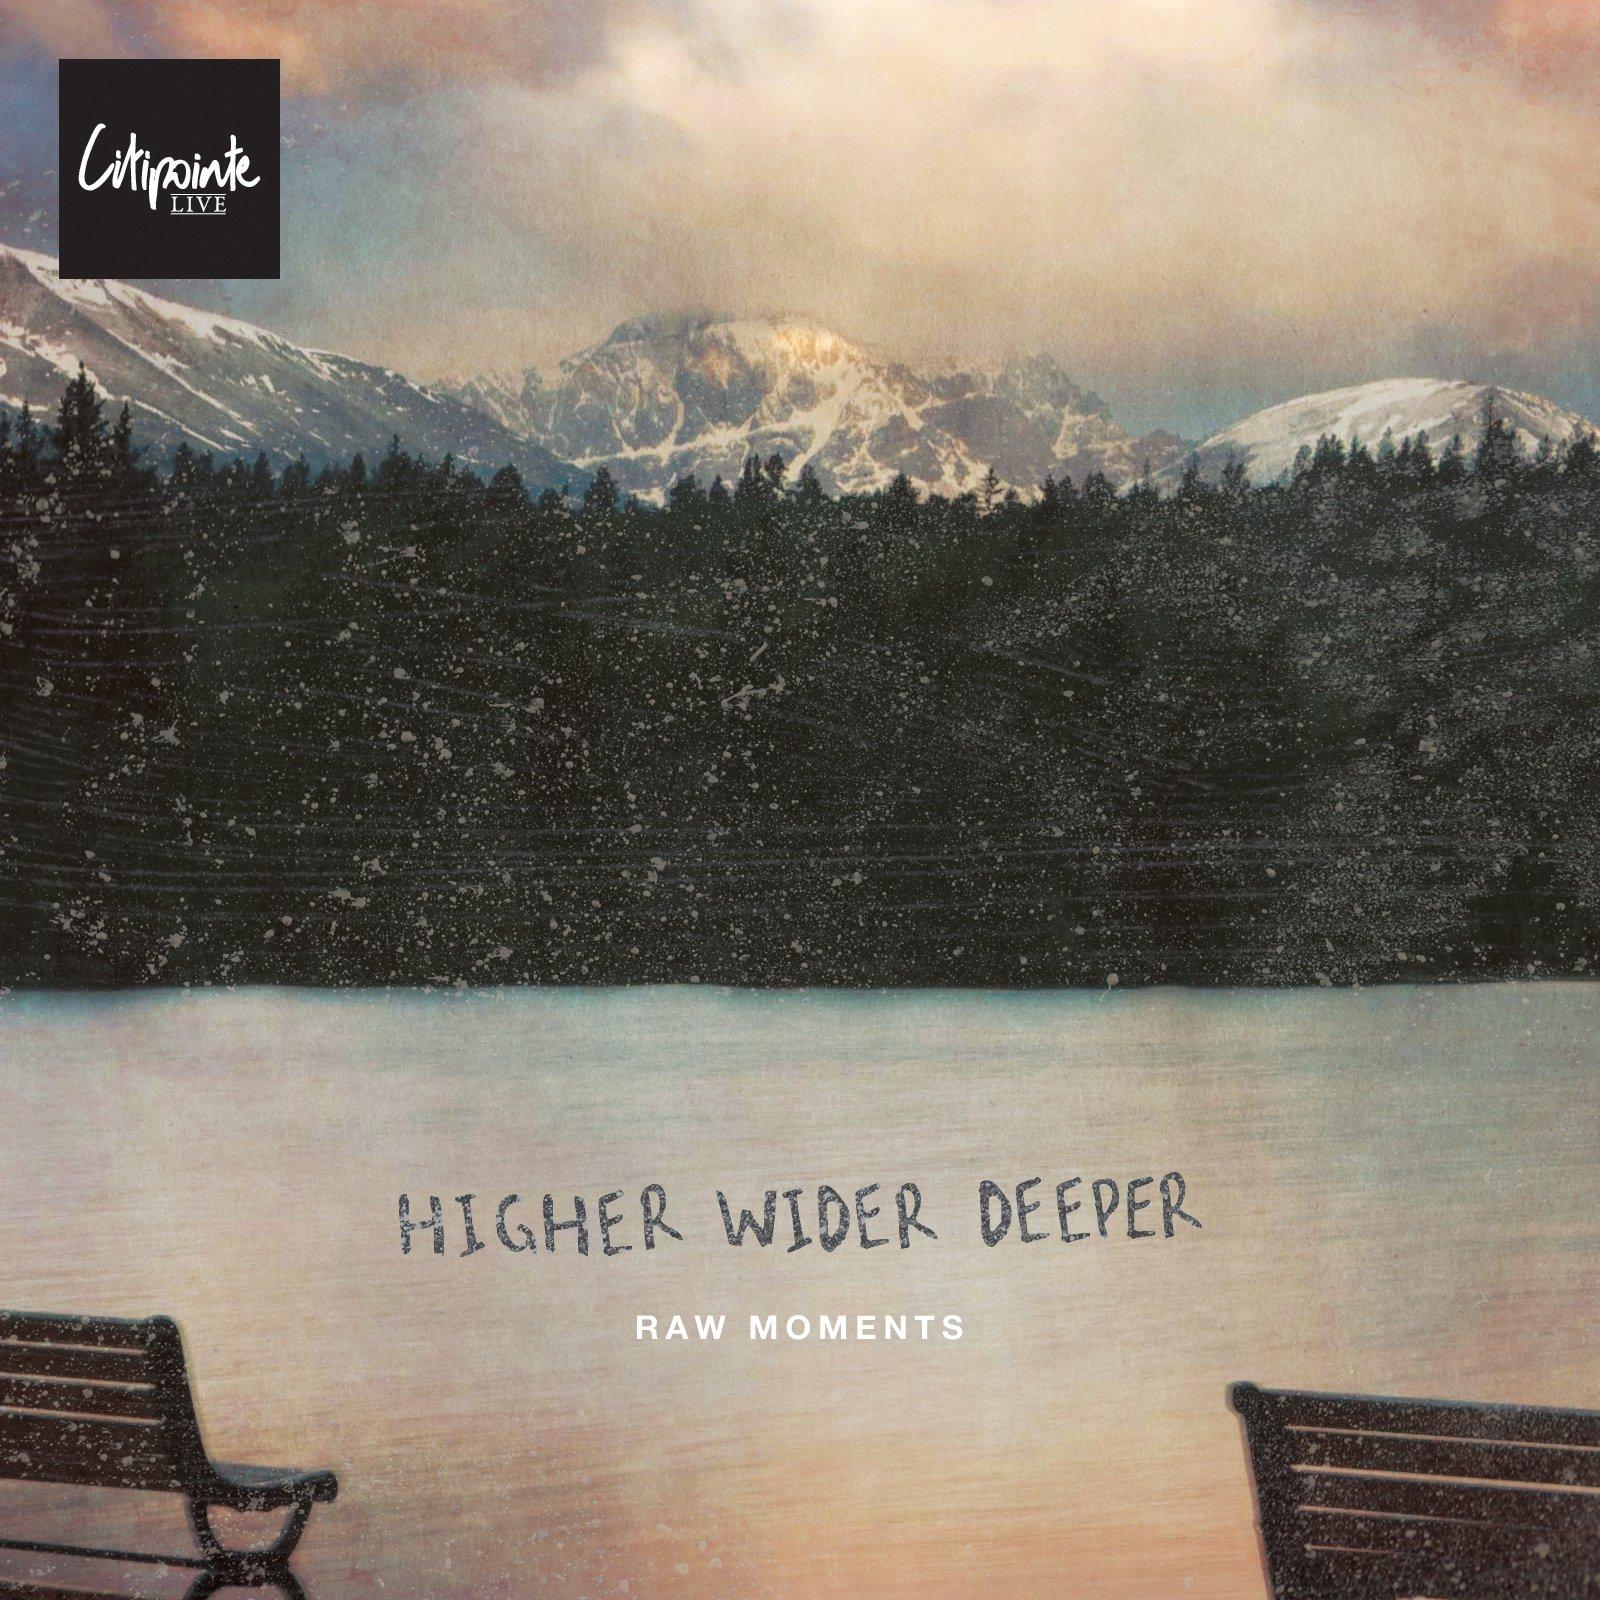 Higher Wider Deeper - 2012